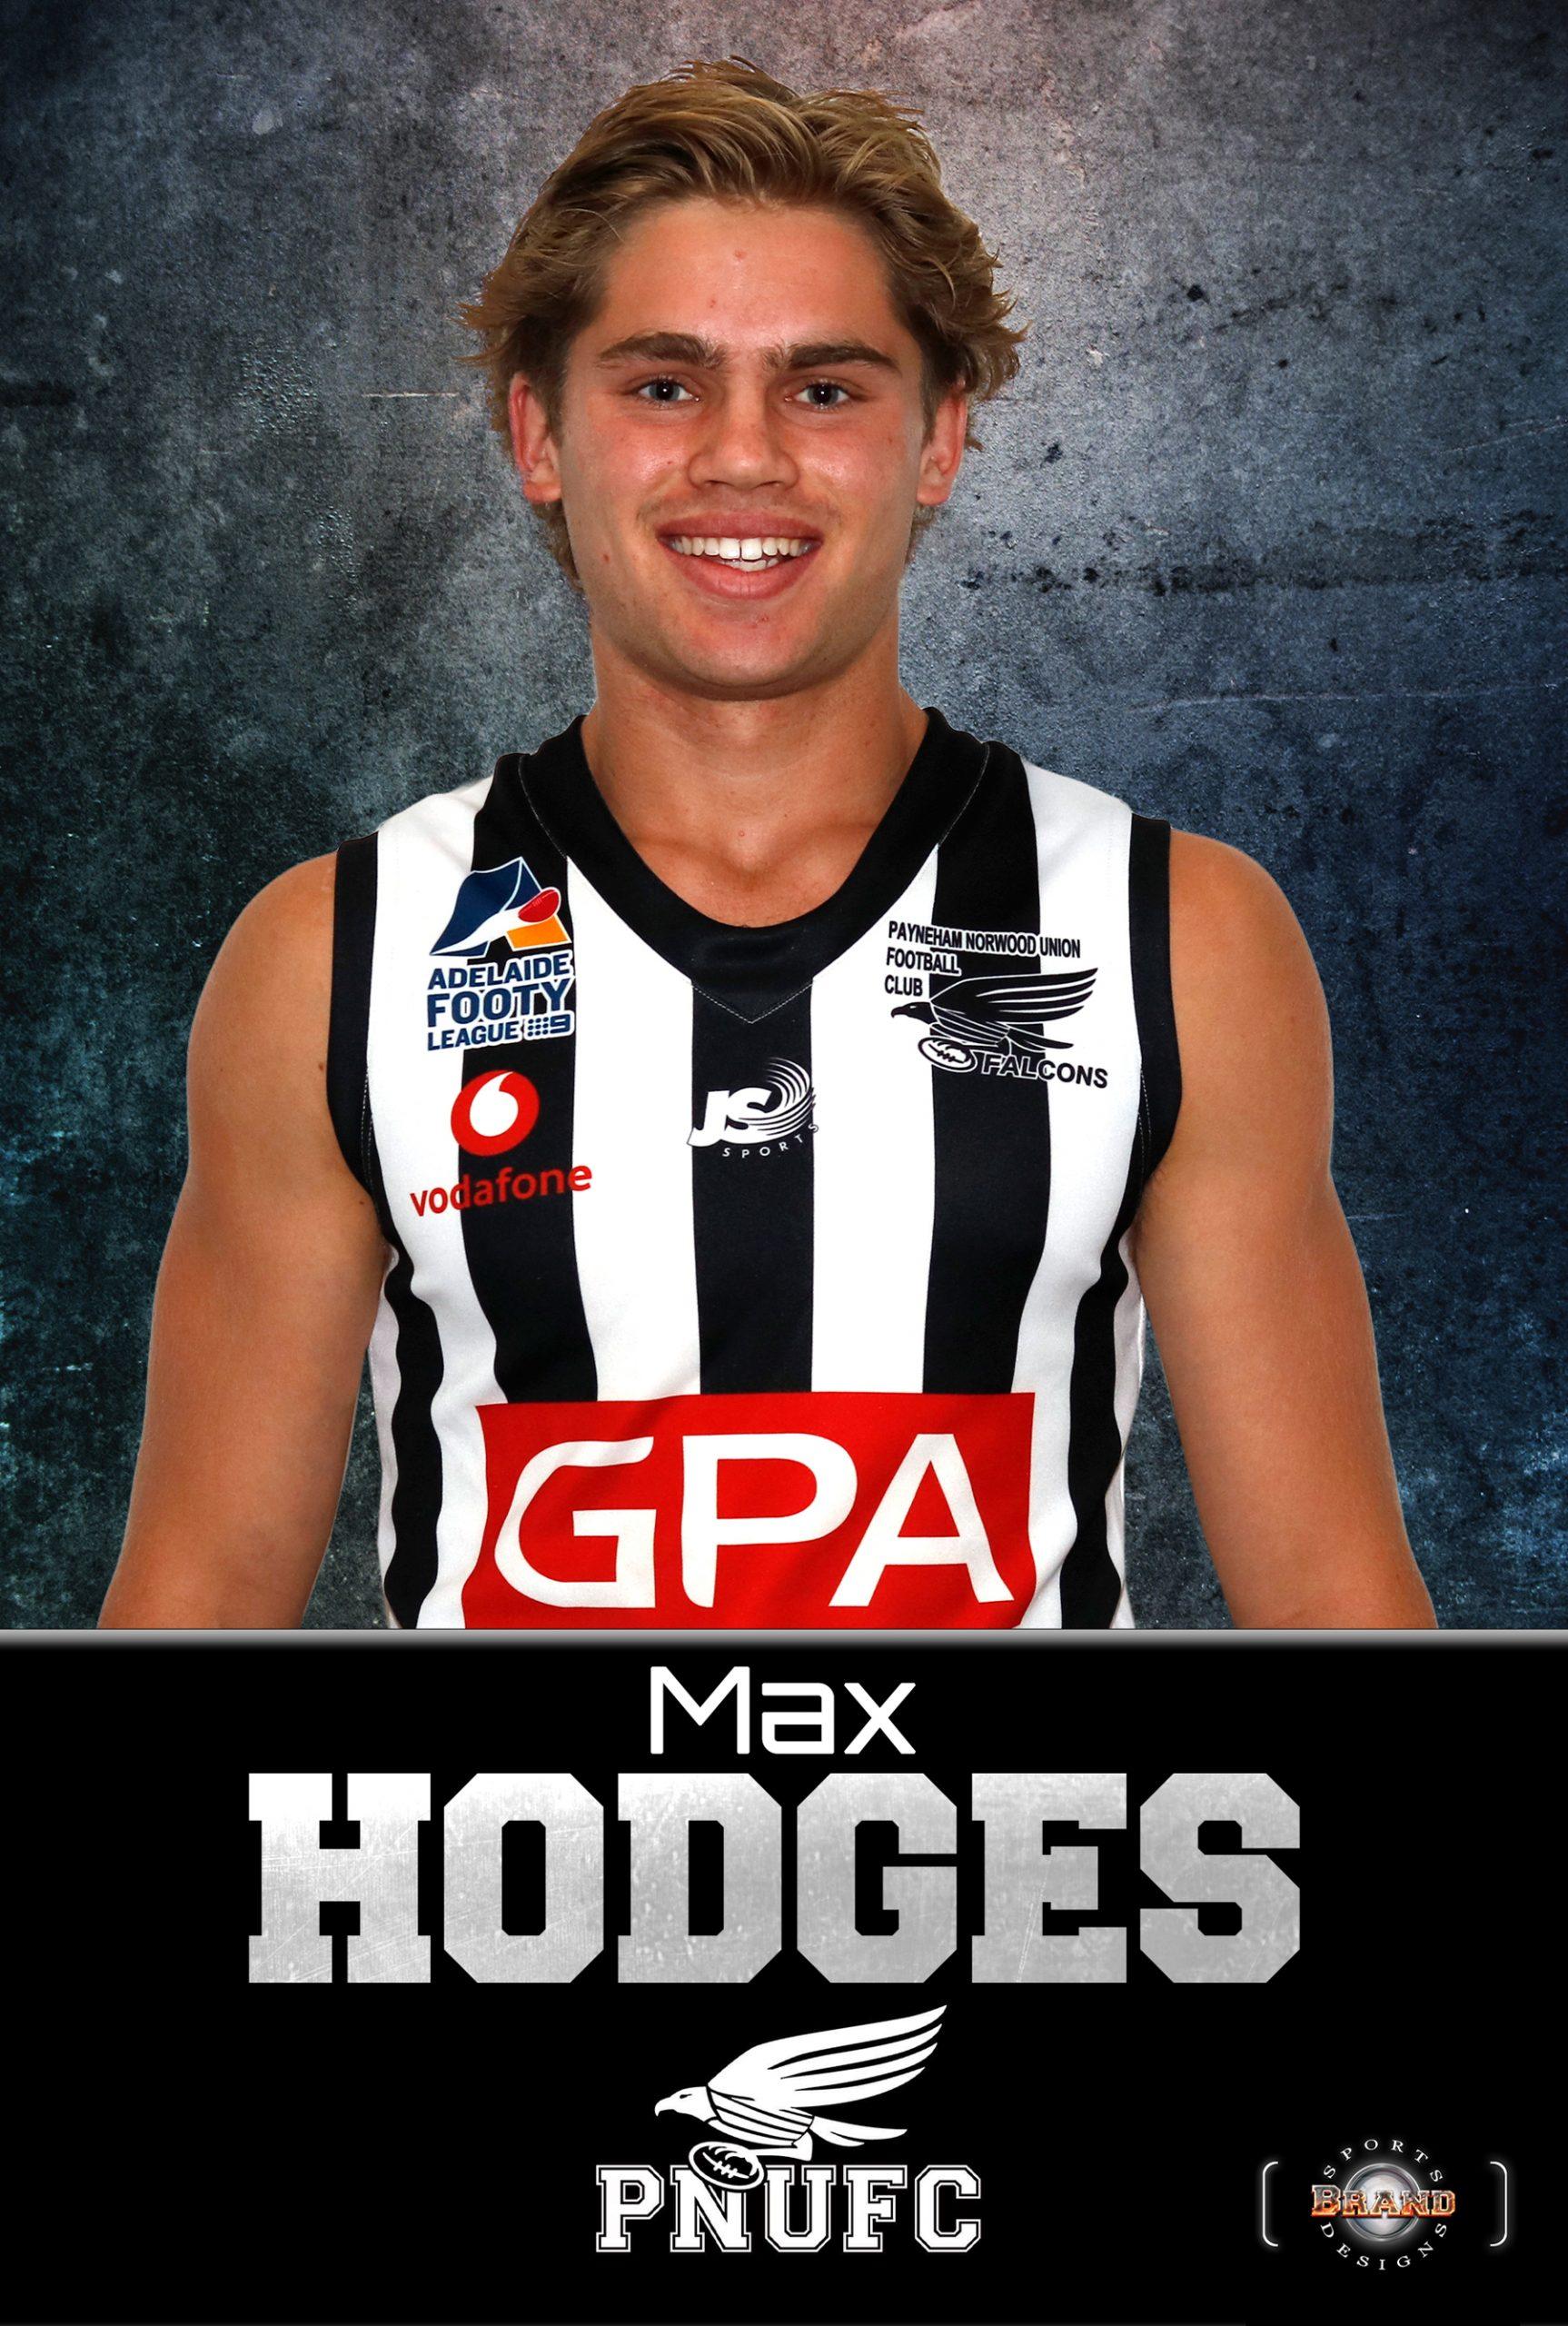 Max Hodges